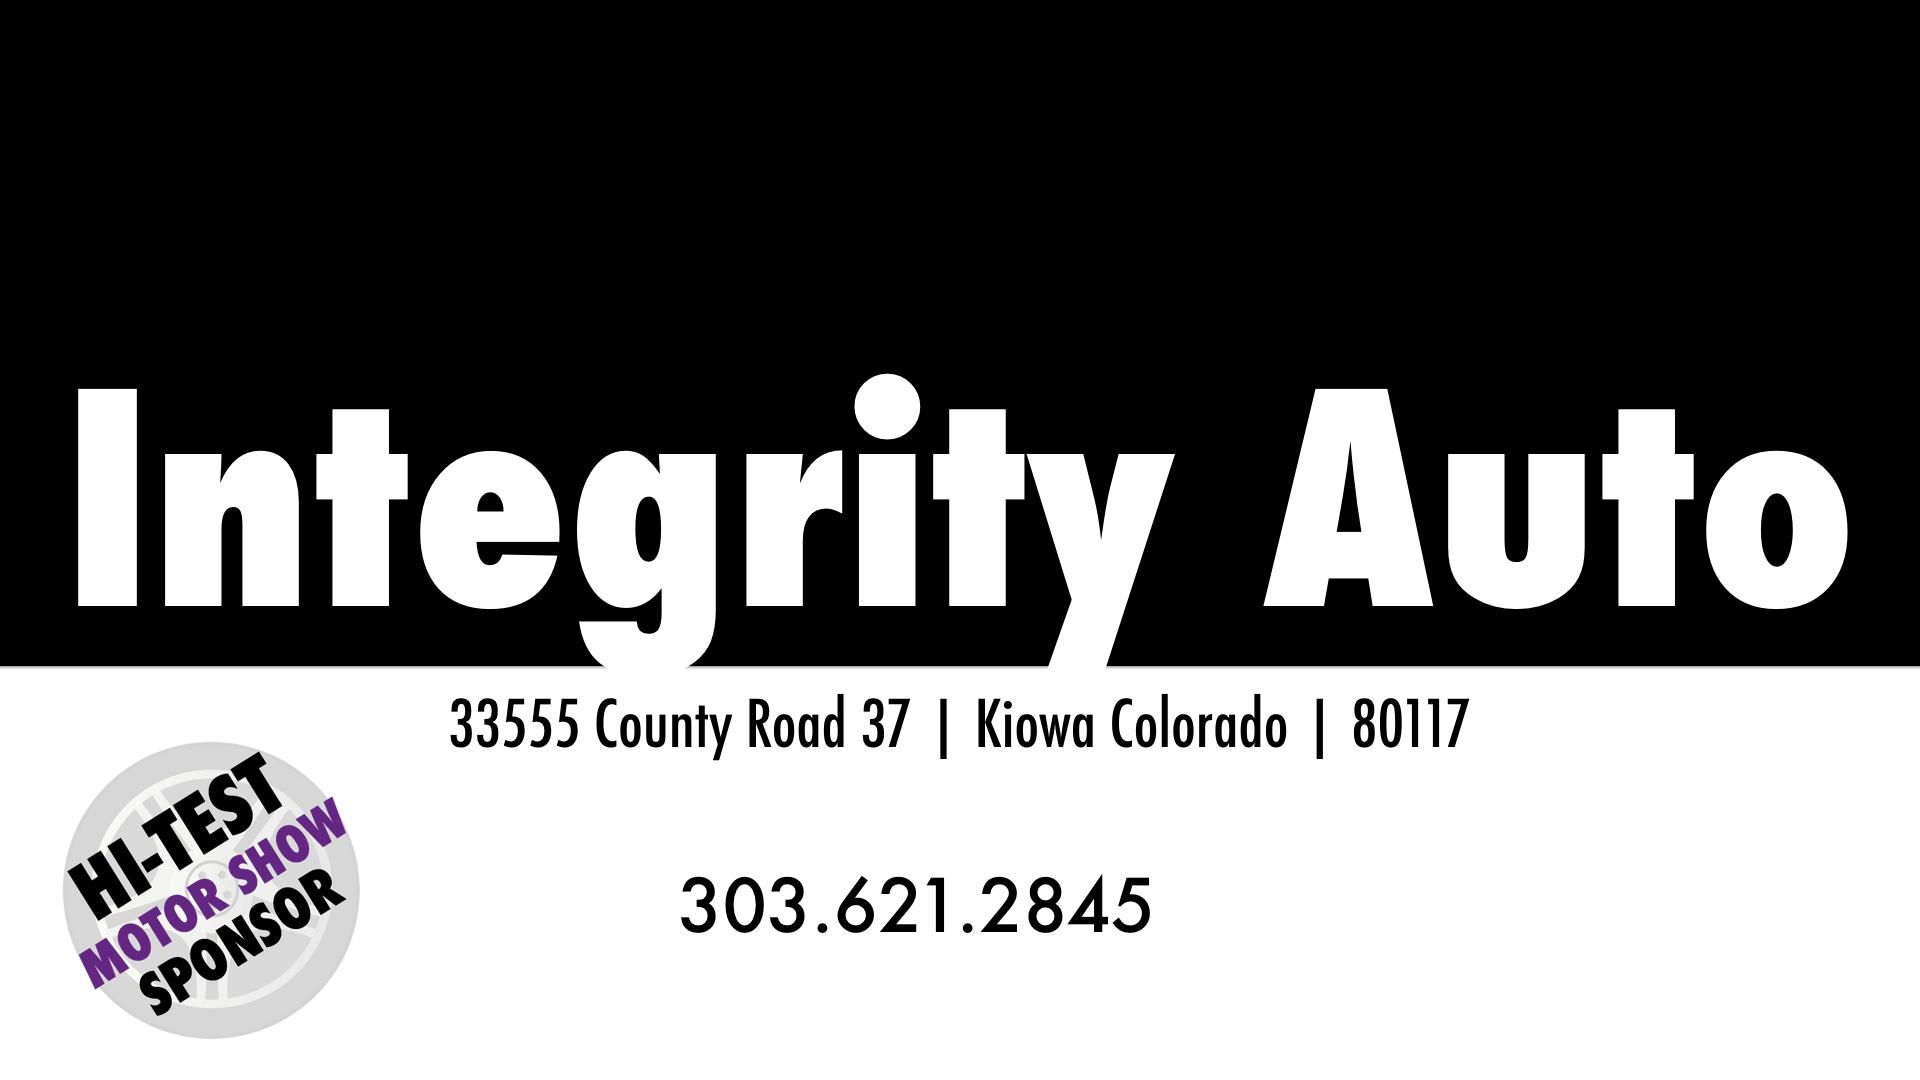 DIGITAL SIGN - Entry.015.png